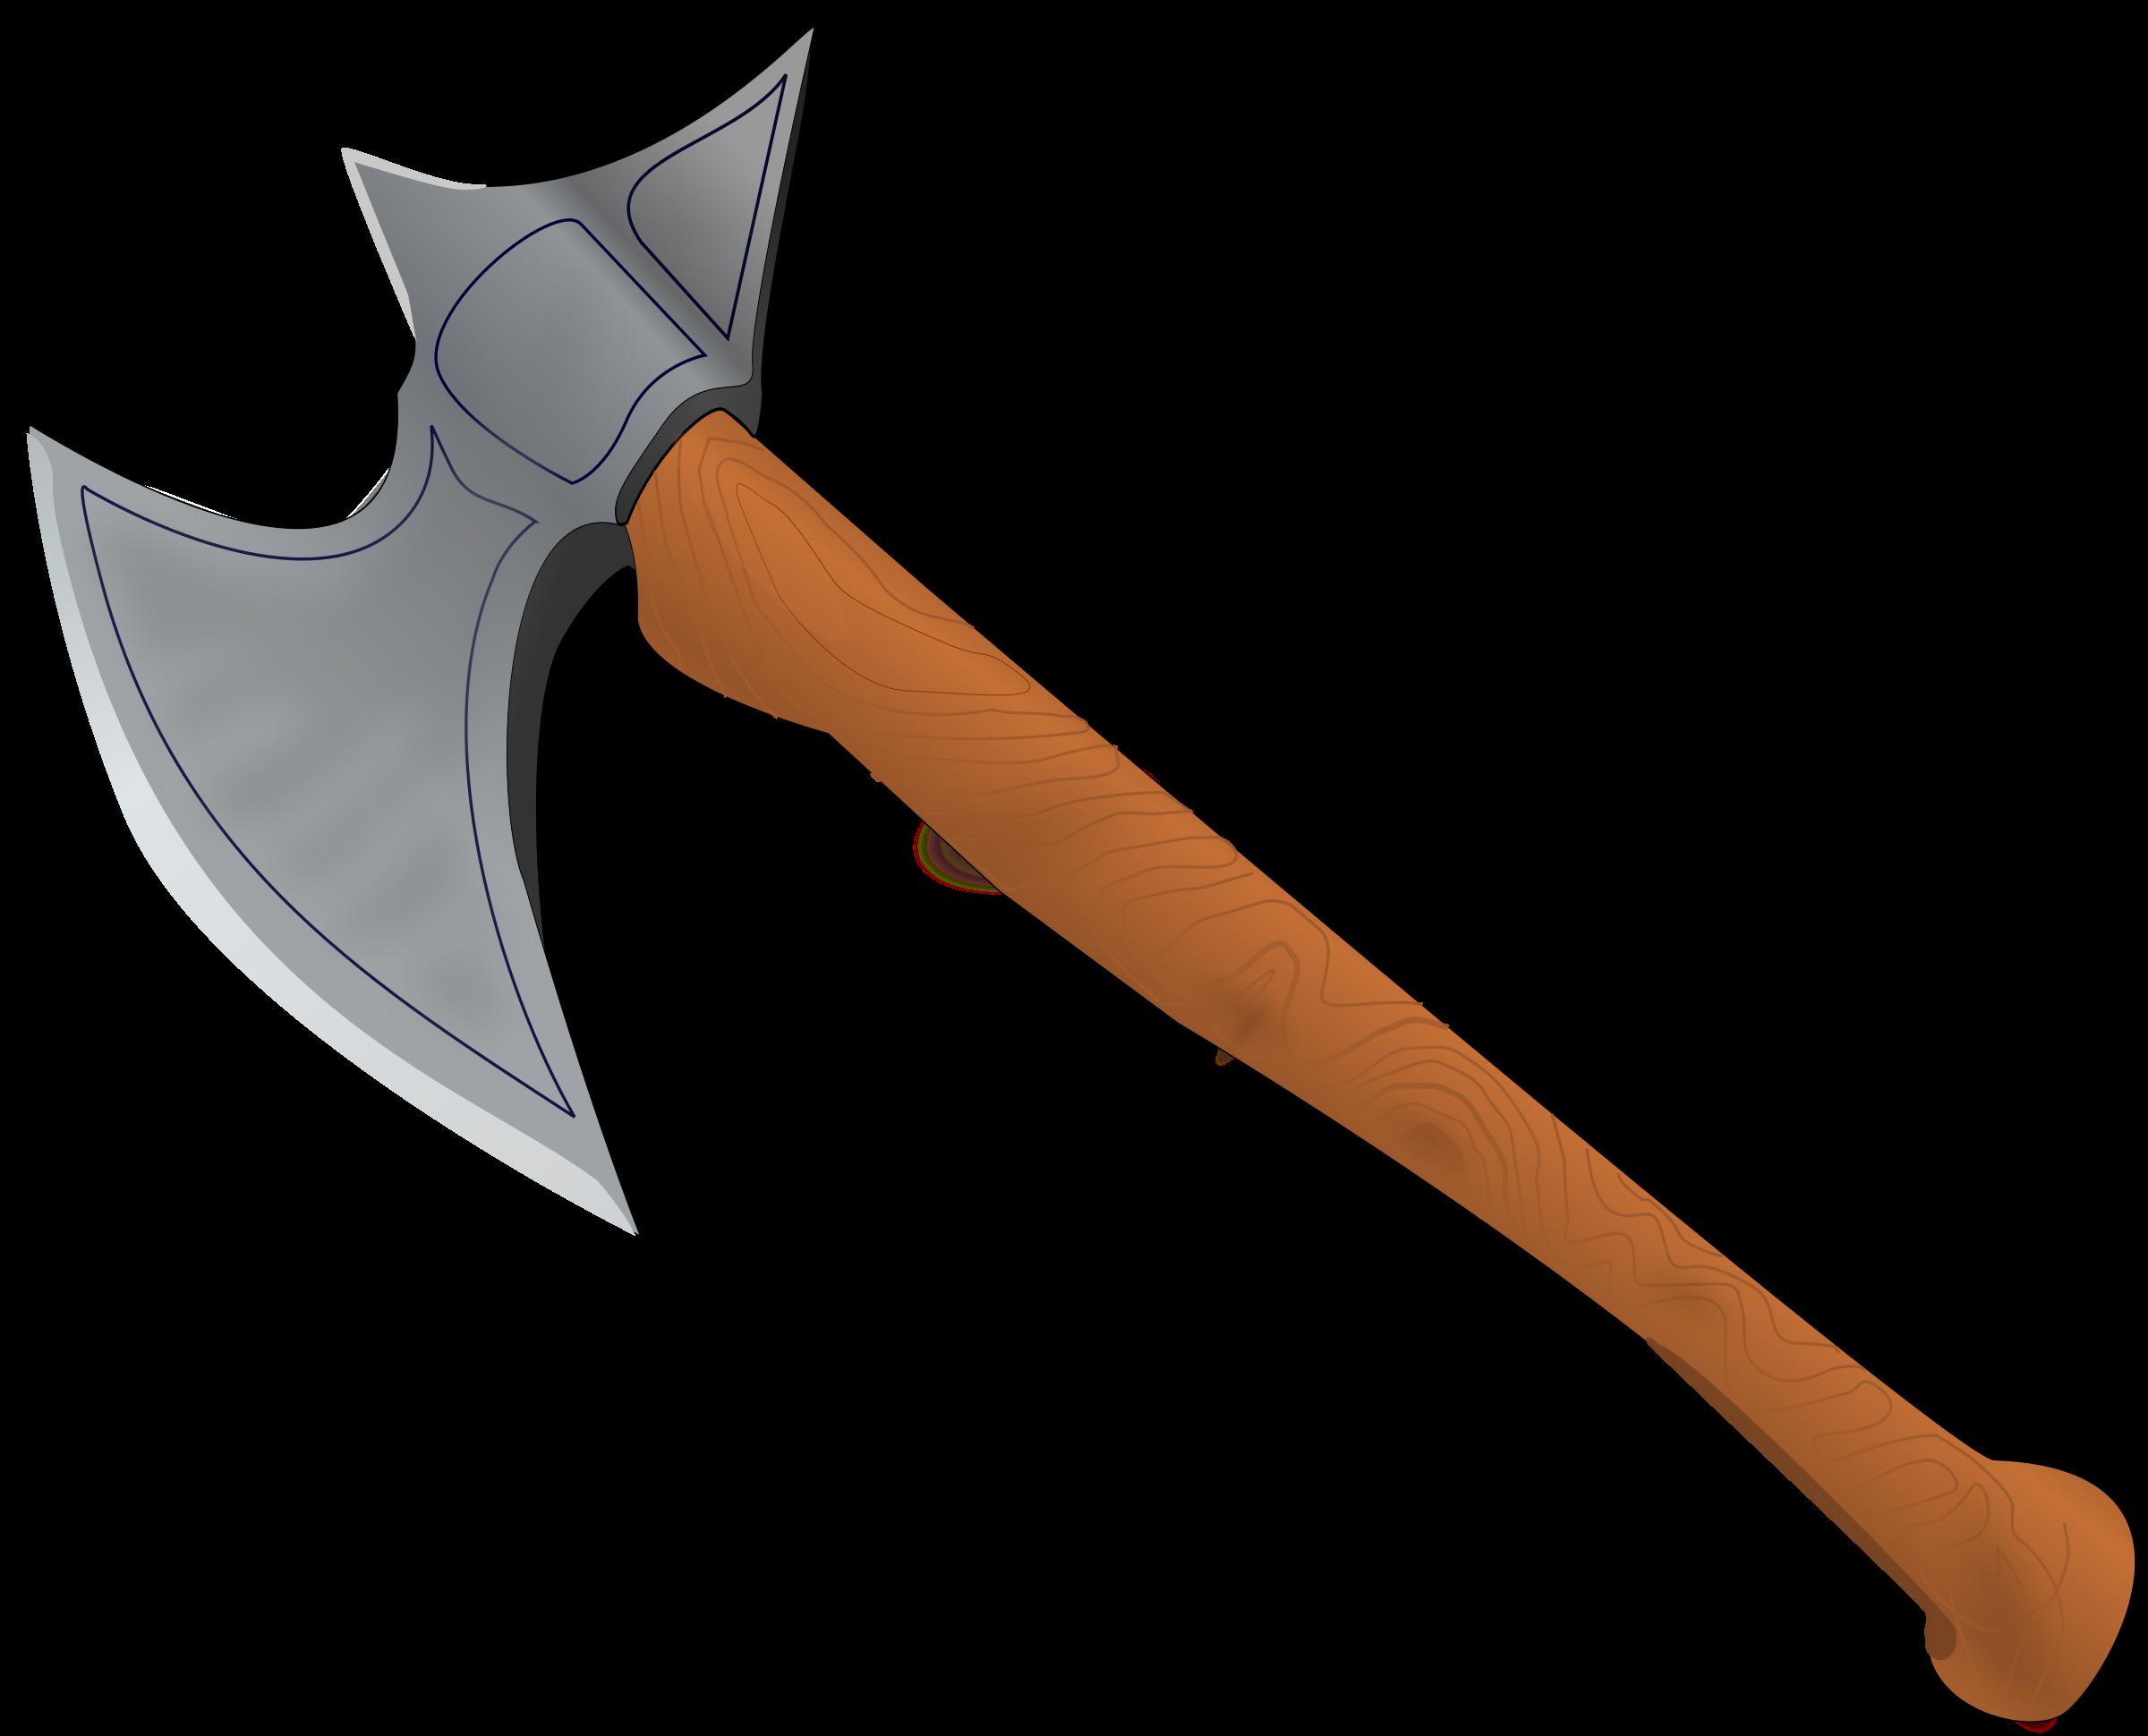 Battle axe Clip art.